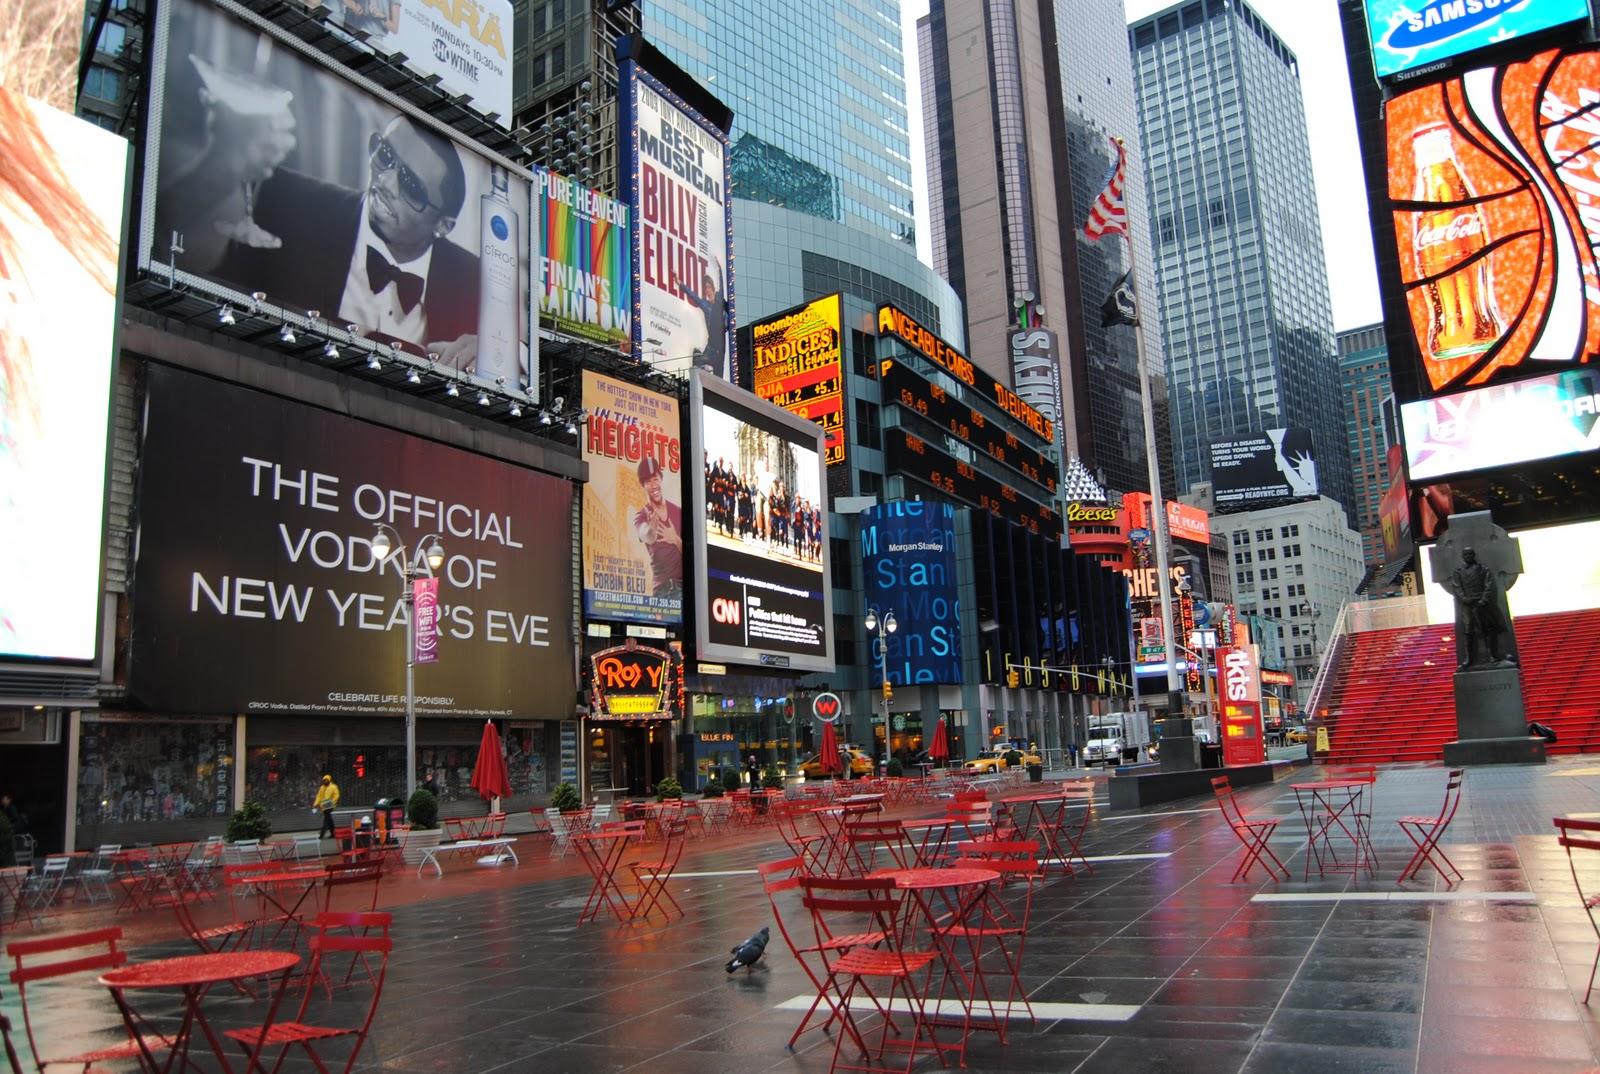 http://3.bp.blogspot.com/_Bl5pfIUzvCE/TLbVk48O7QI/AAAAAAAAAEo/DUeppmPao2E/s1600/NewYork+2010+080.jpg